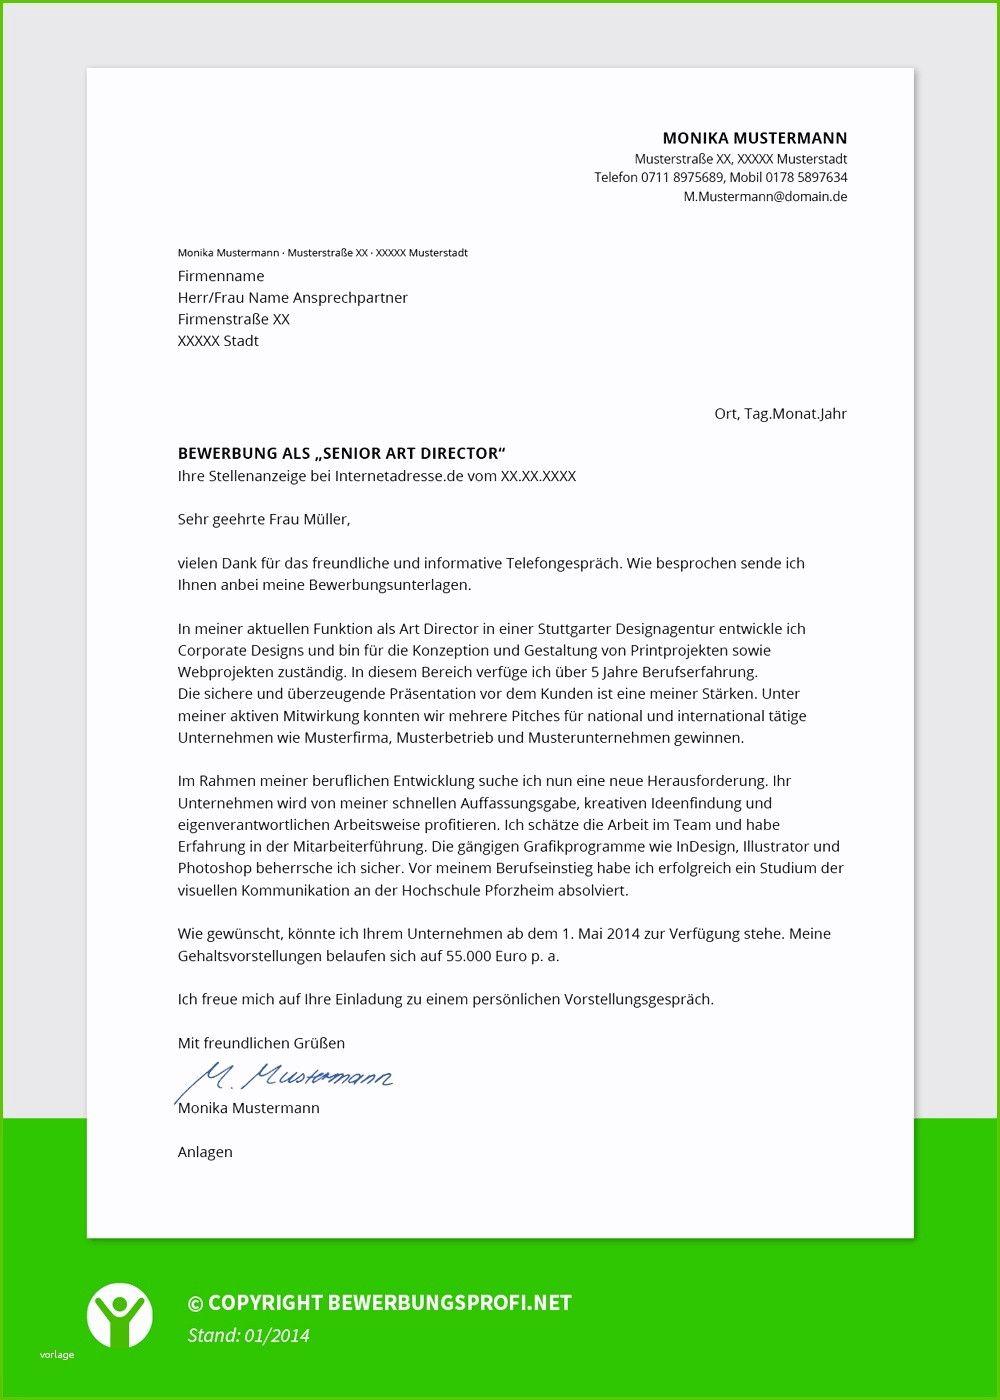 Witzige Geschenke Fur Frauen Bio Data For Marriage Bio Data Reference Letter